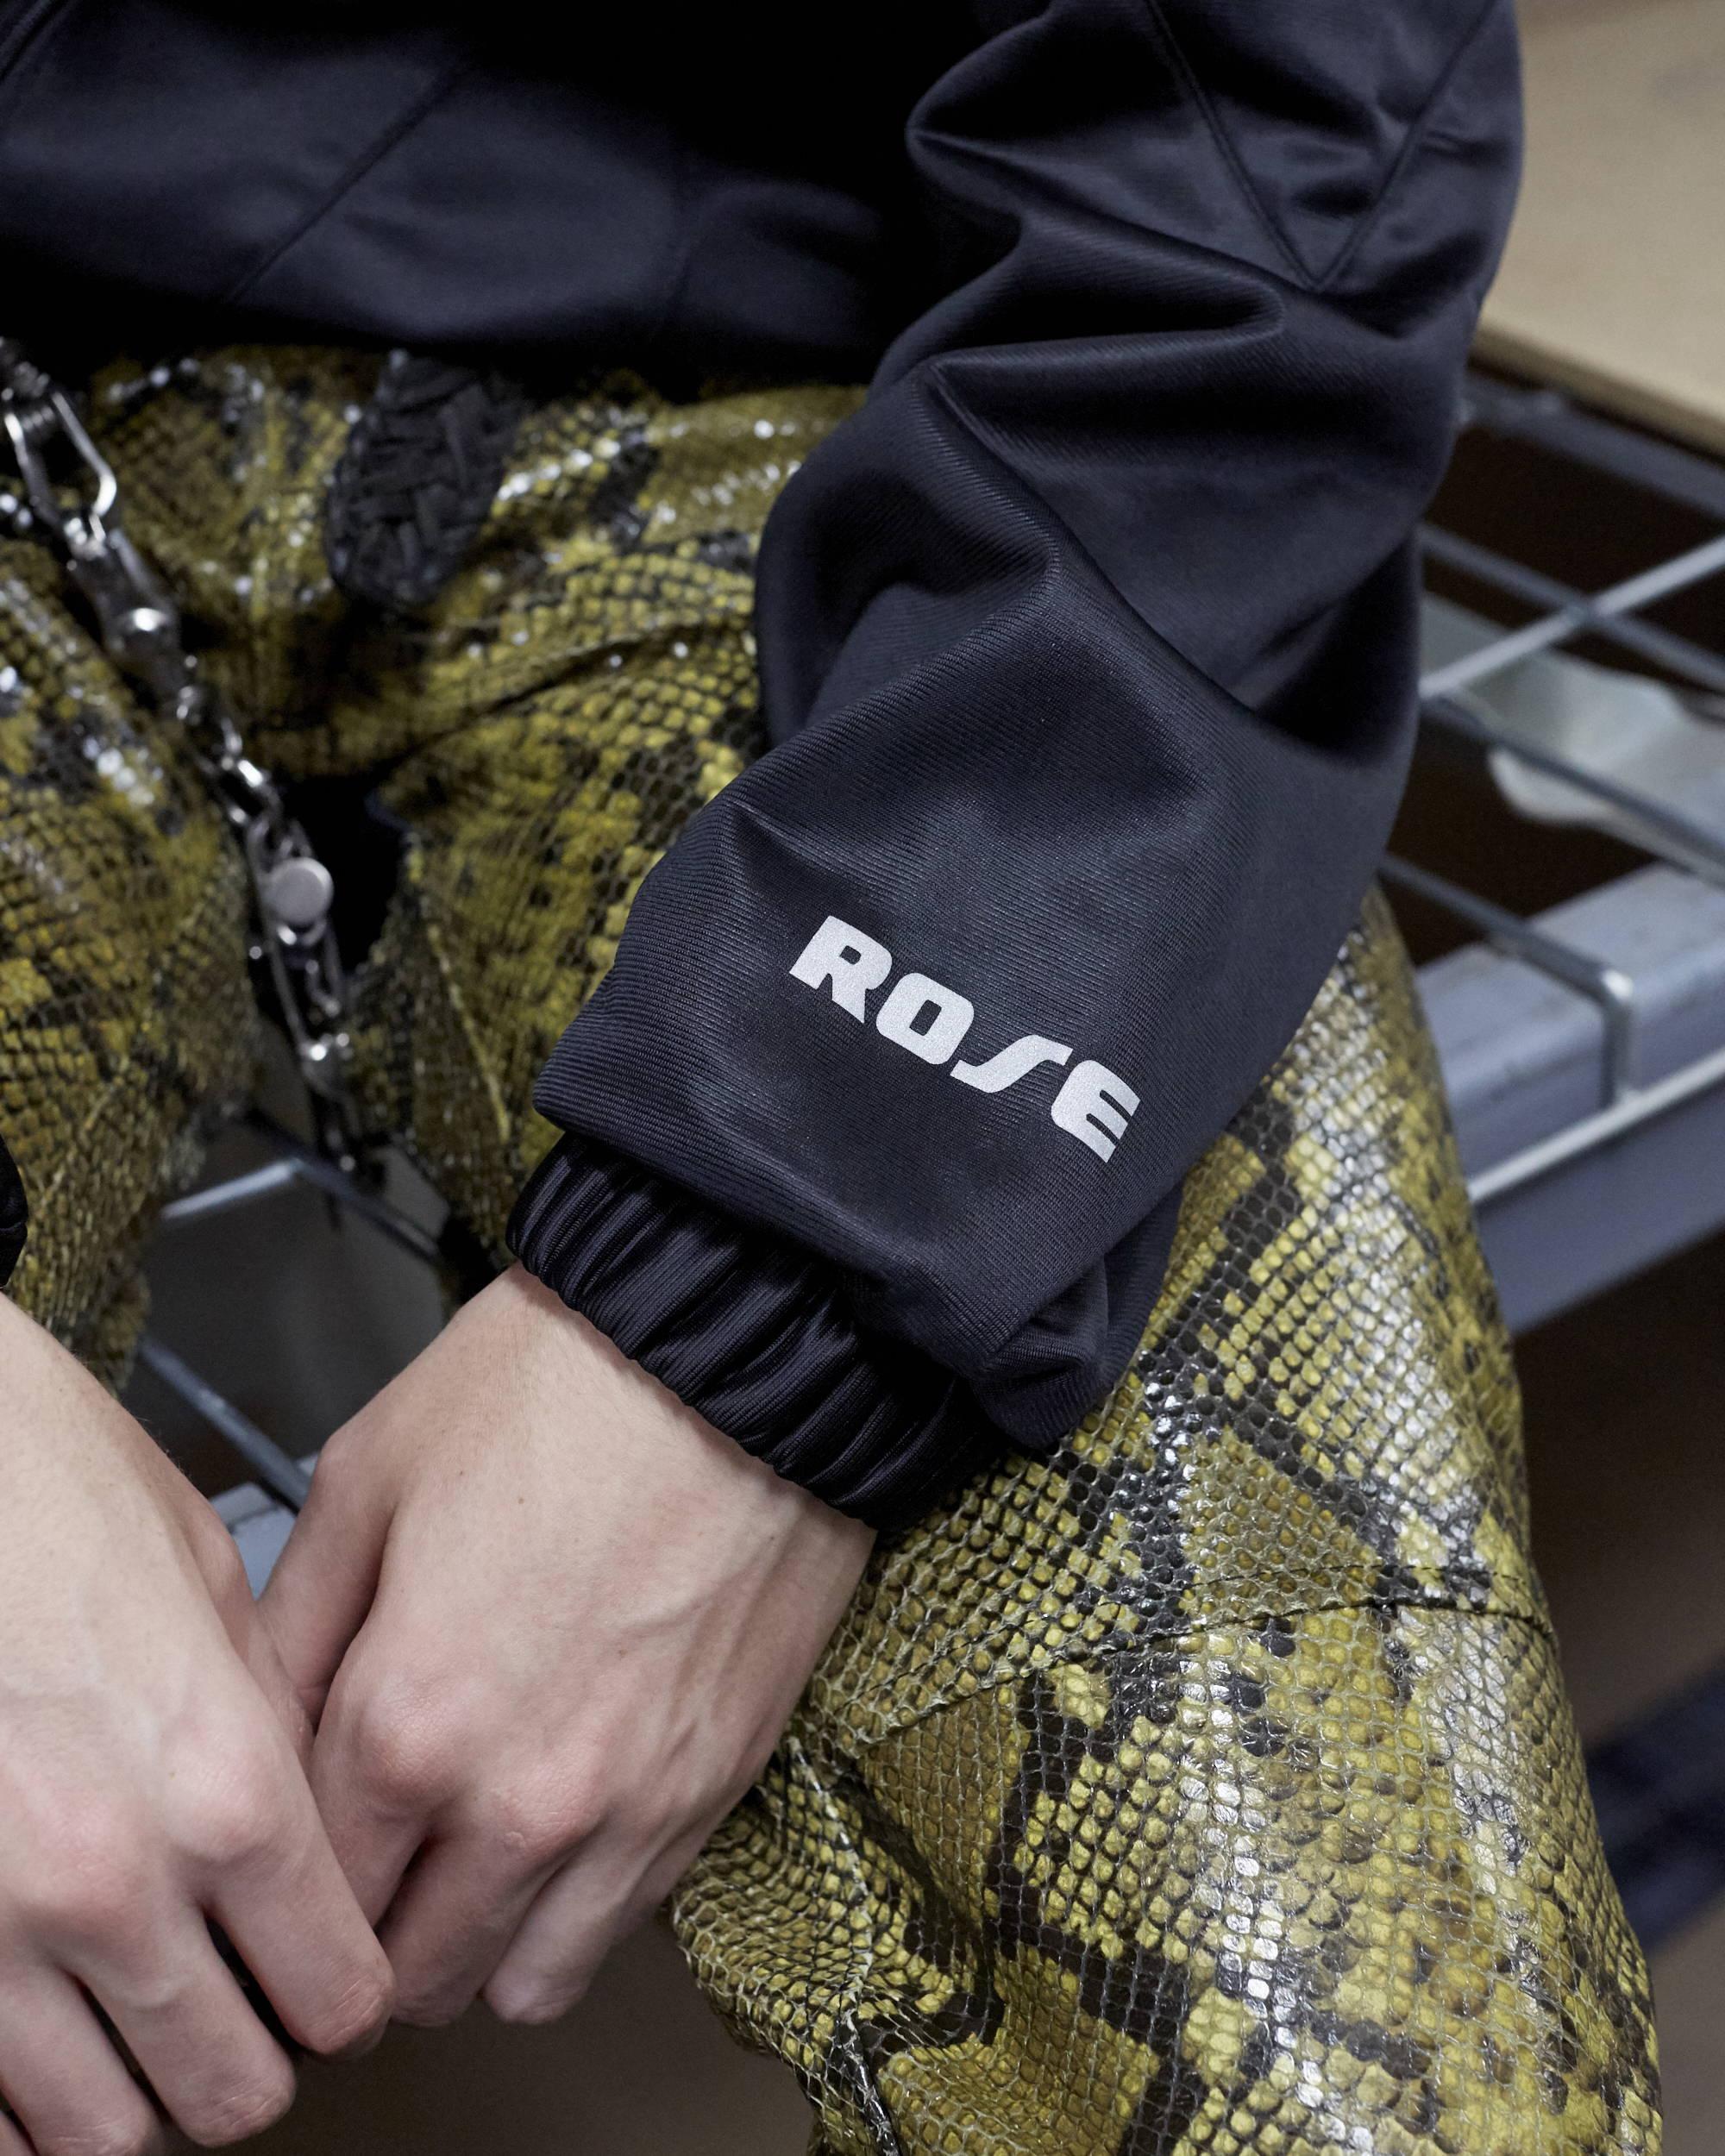 Martine Rose FW18 Twisted Black Track Jacket Sleeve Detail - Hlorenzo